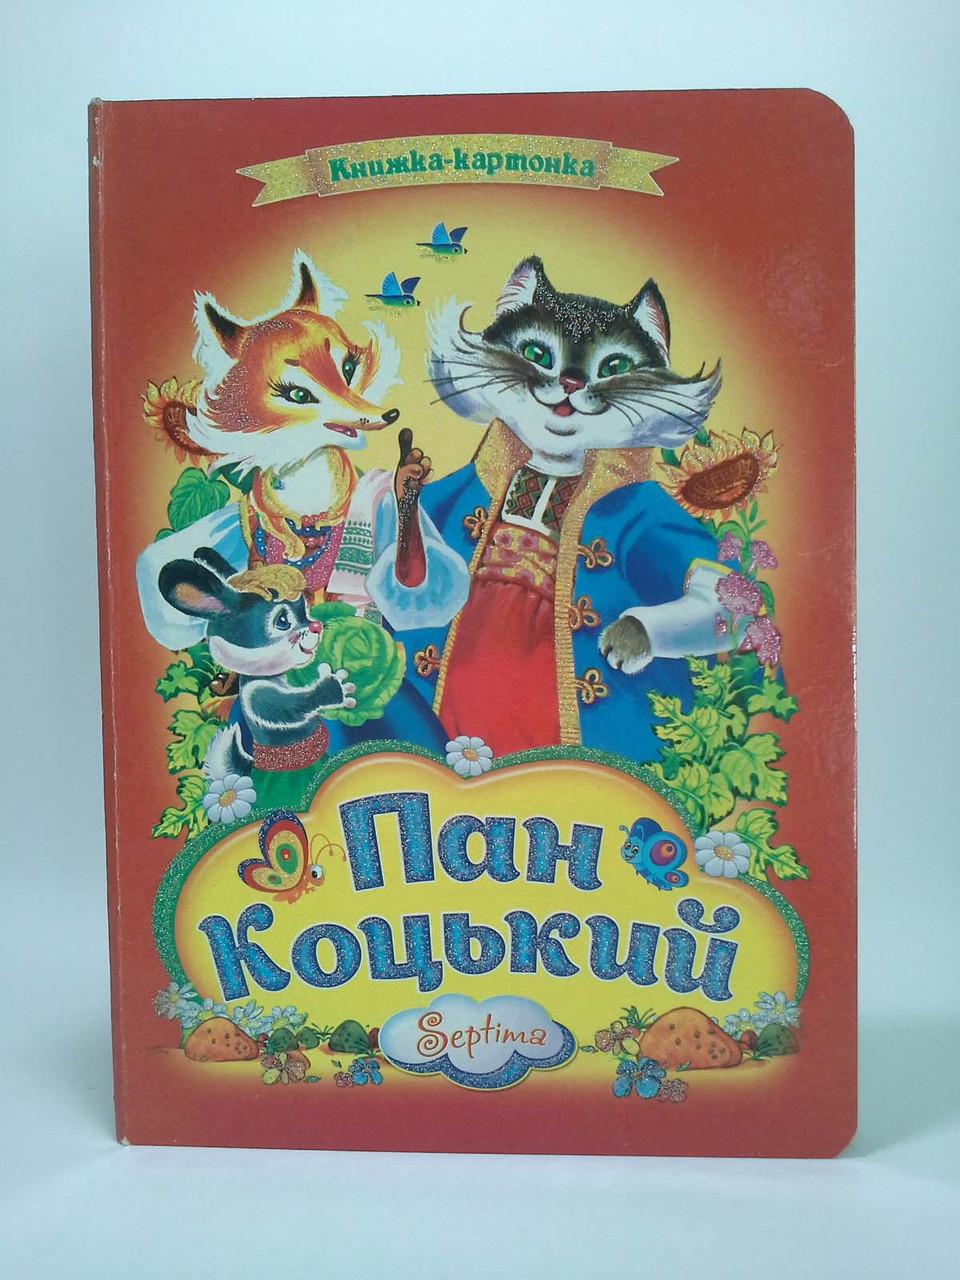 Септіма Книжка картонка (А4) Пан коцький